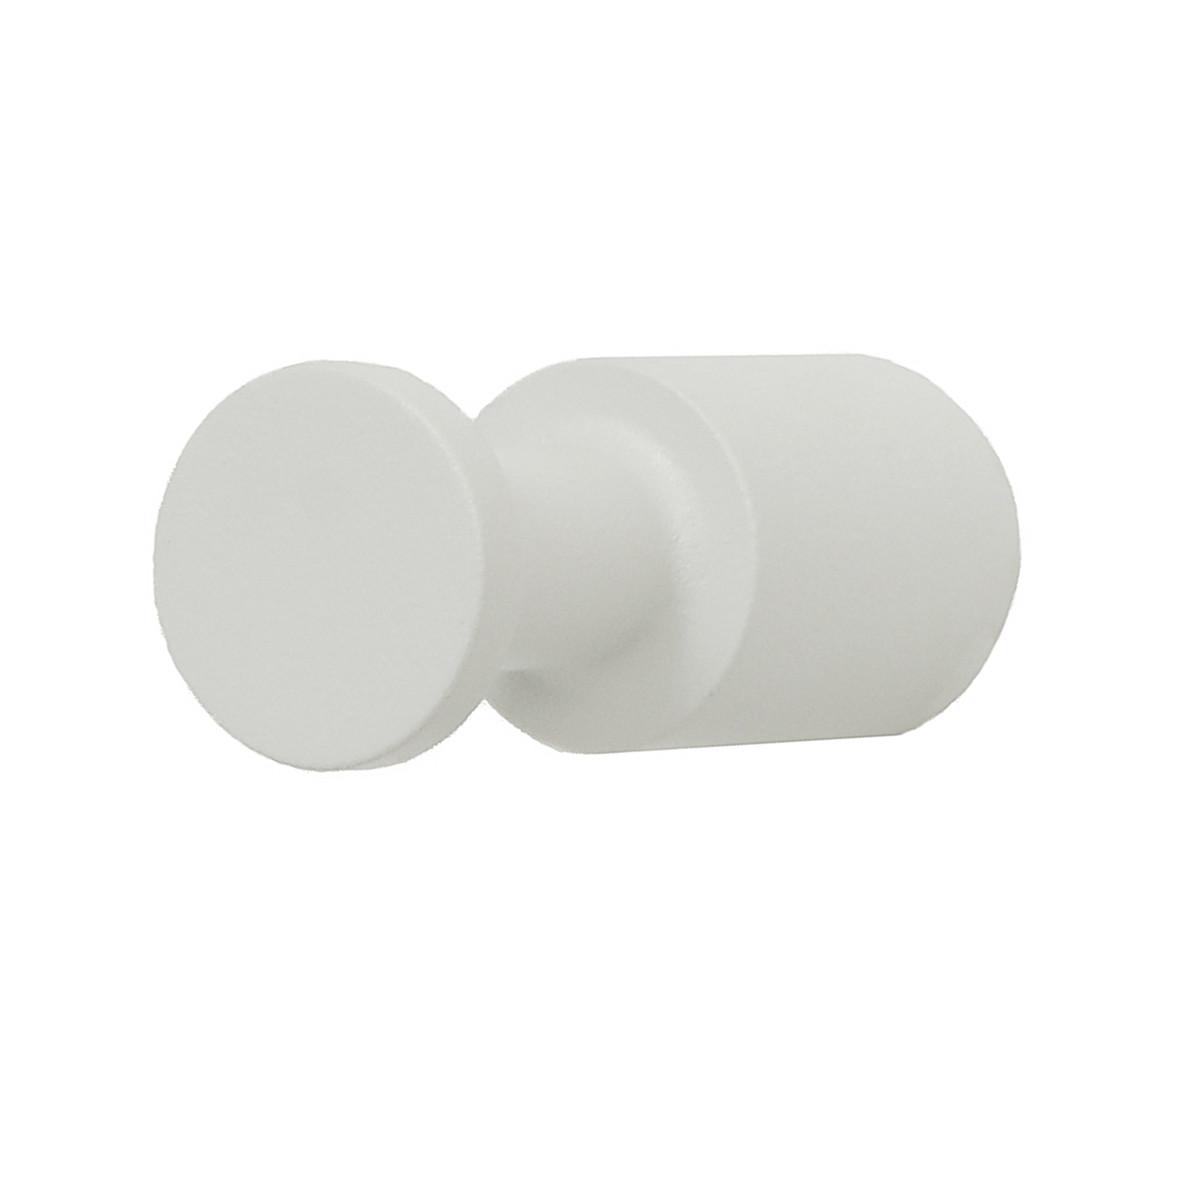 Κρεμαστράκι Τοίχου PamCo 10-034 Ice White Matte